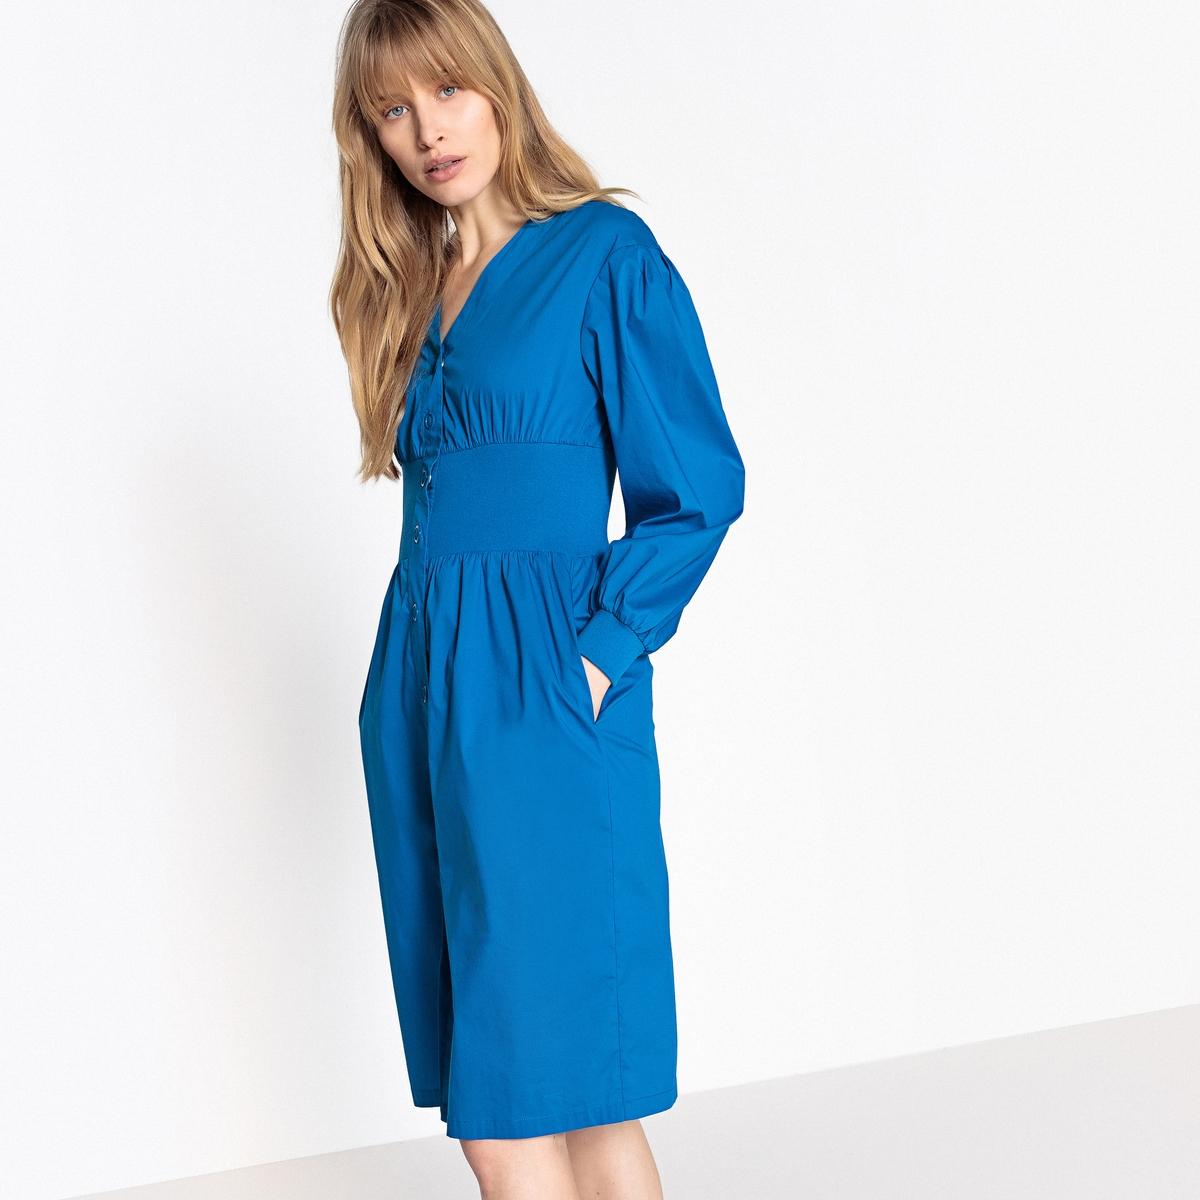 Sukienka rozkloszowana, zapinana na guziki z przodu, z gumką